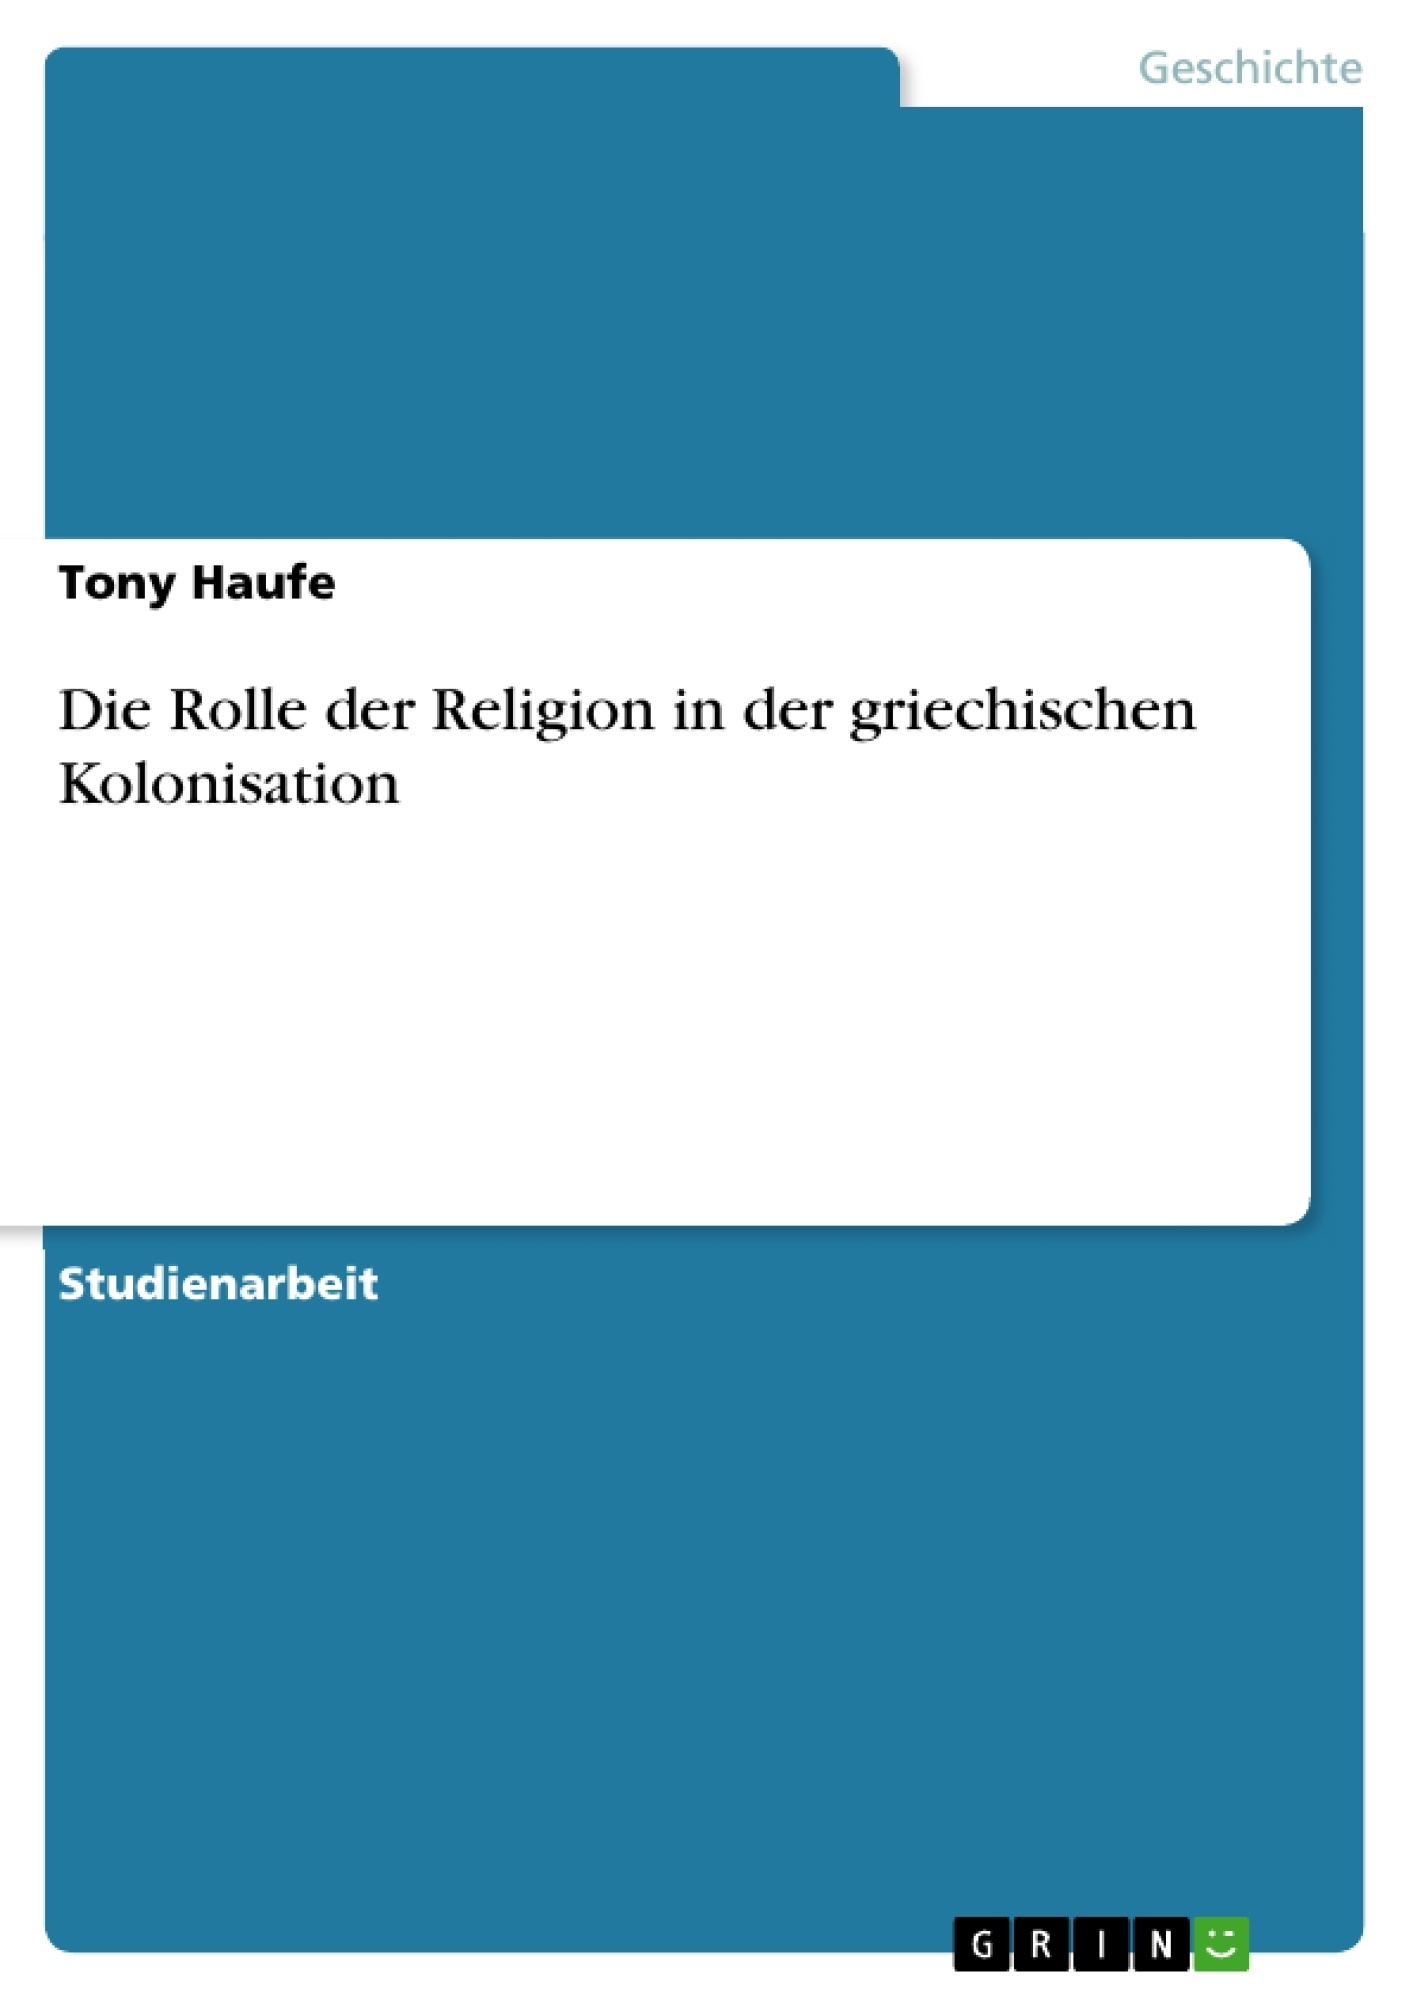 Titel: Die Rolle der Religion in der griechischen Kolonisation